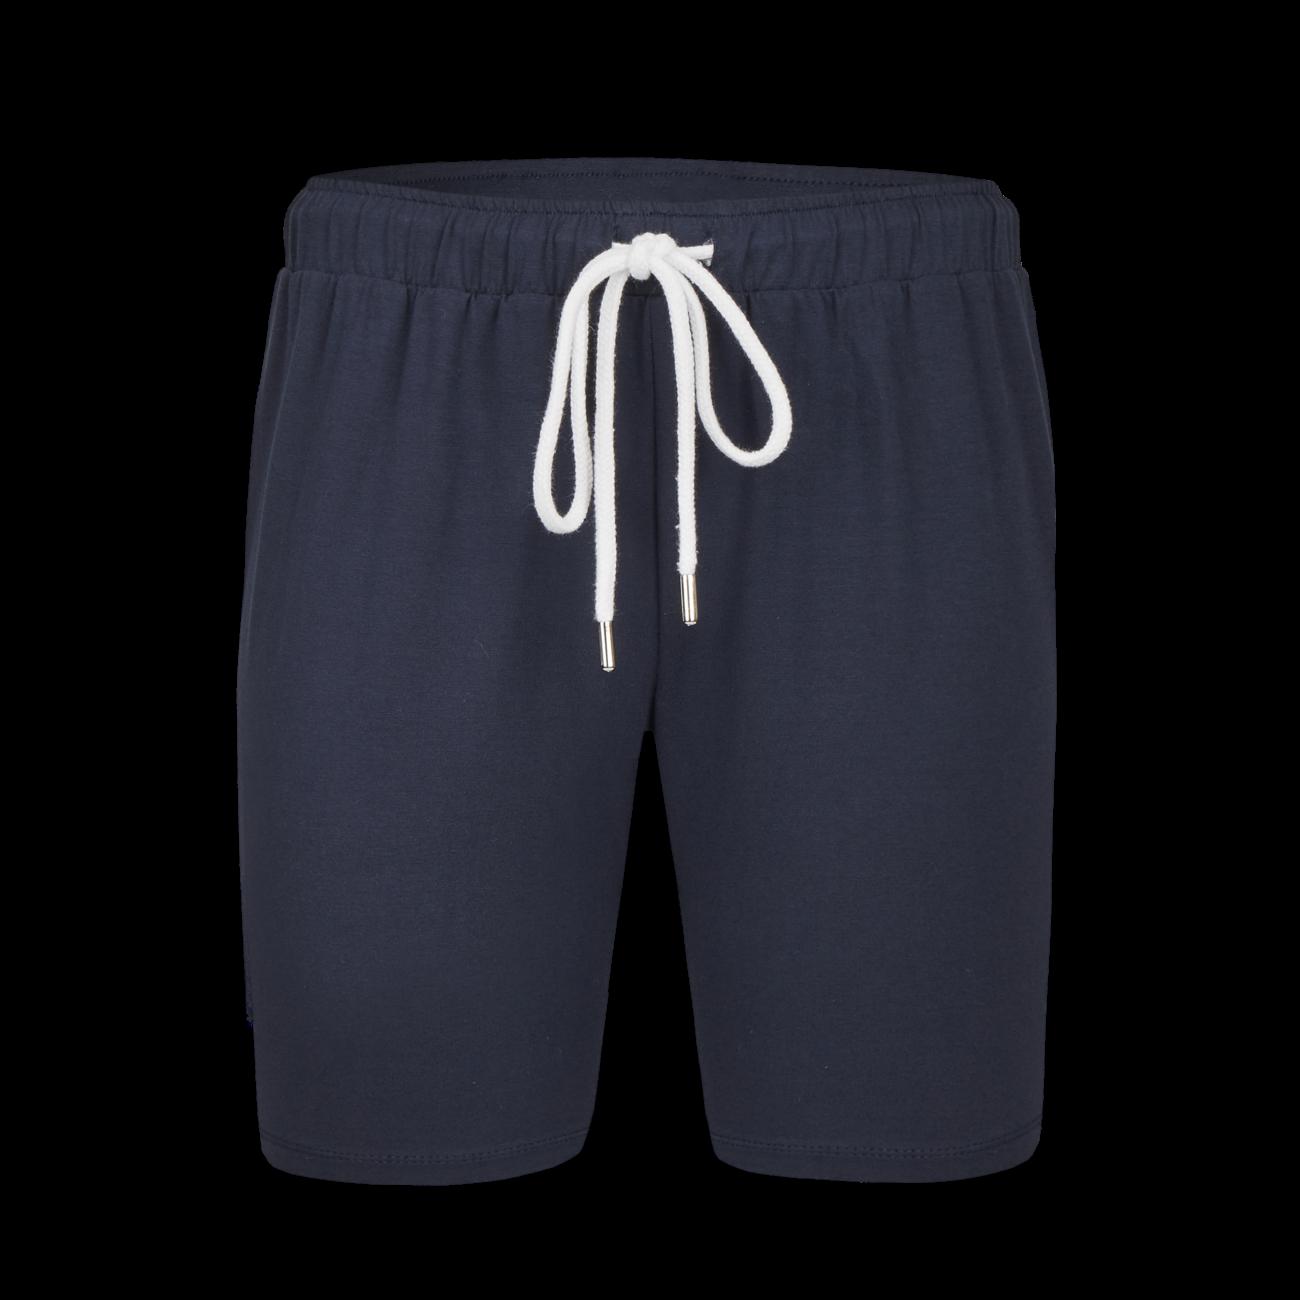 Shorts dark navy | 38